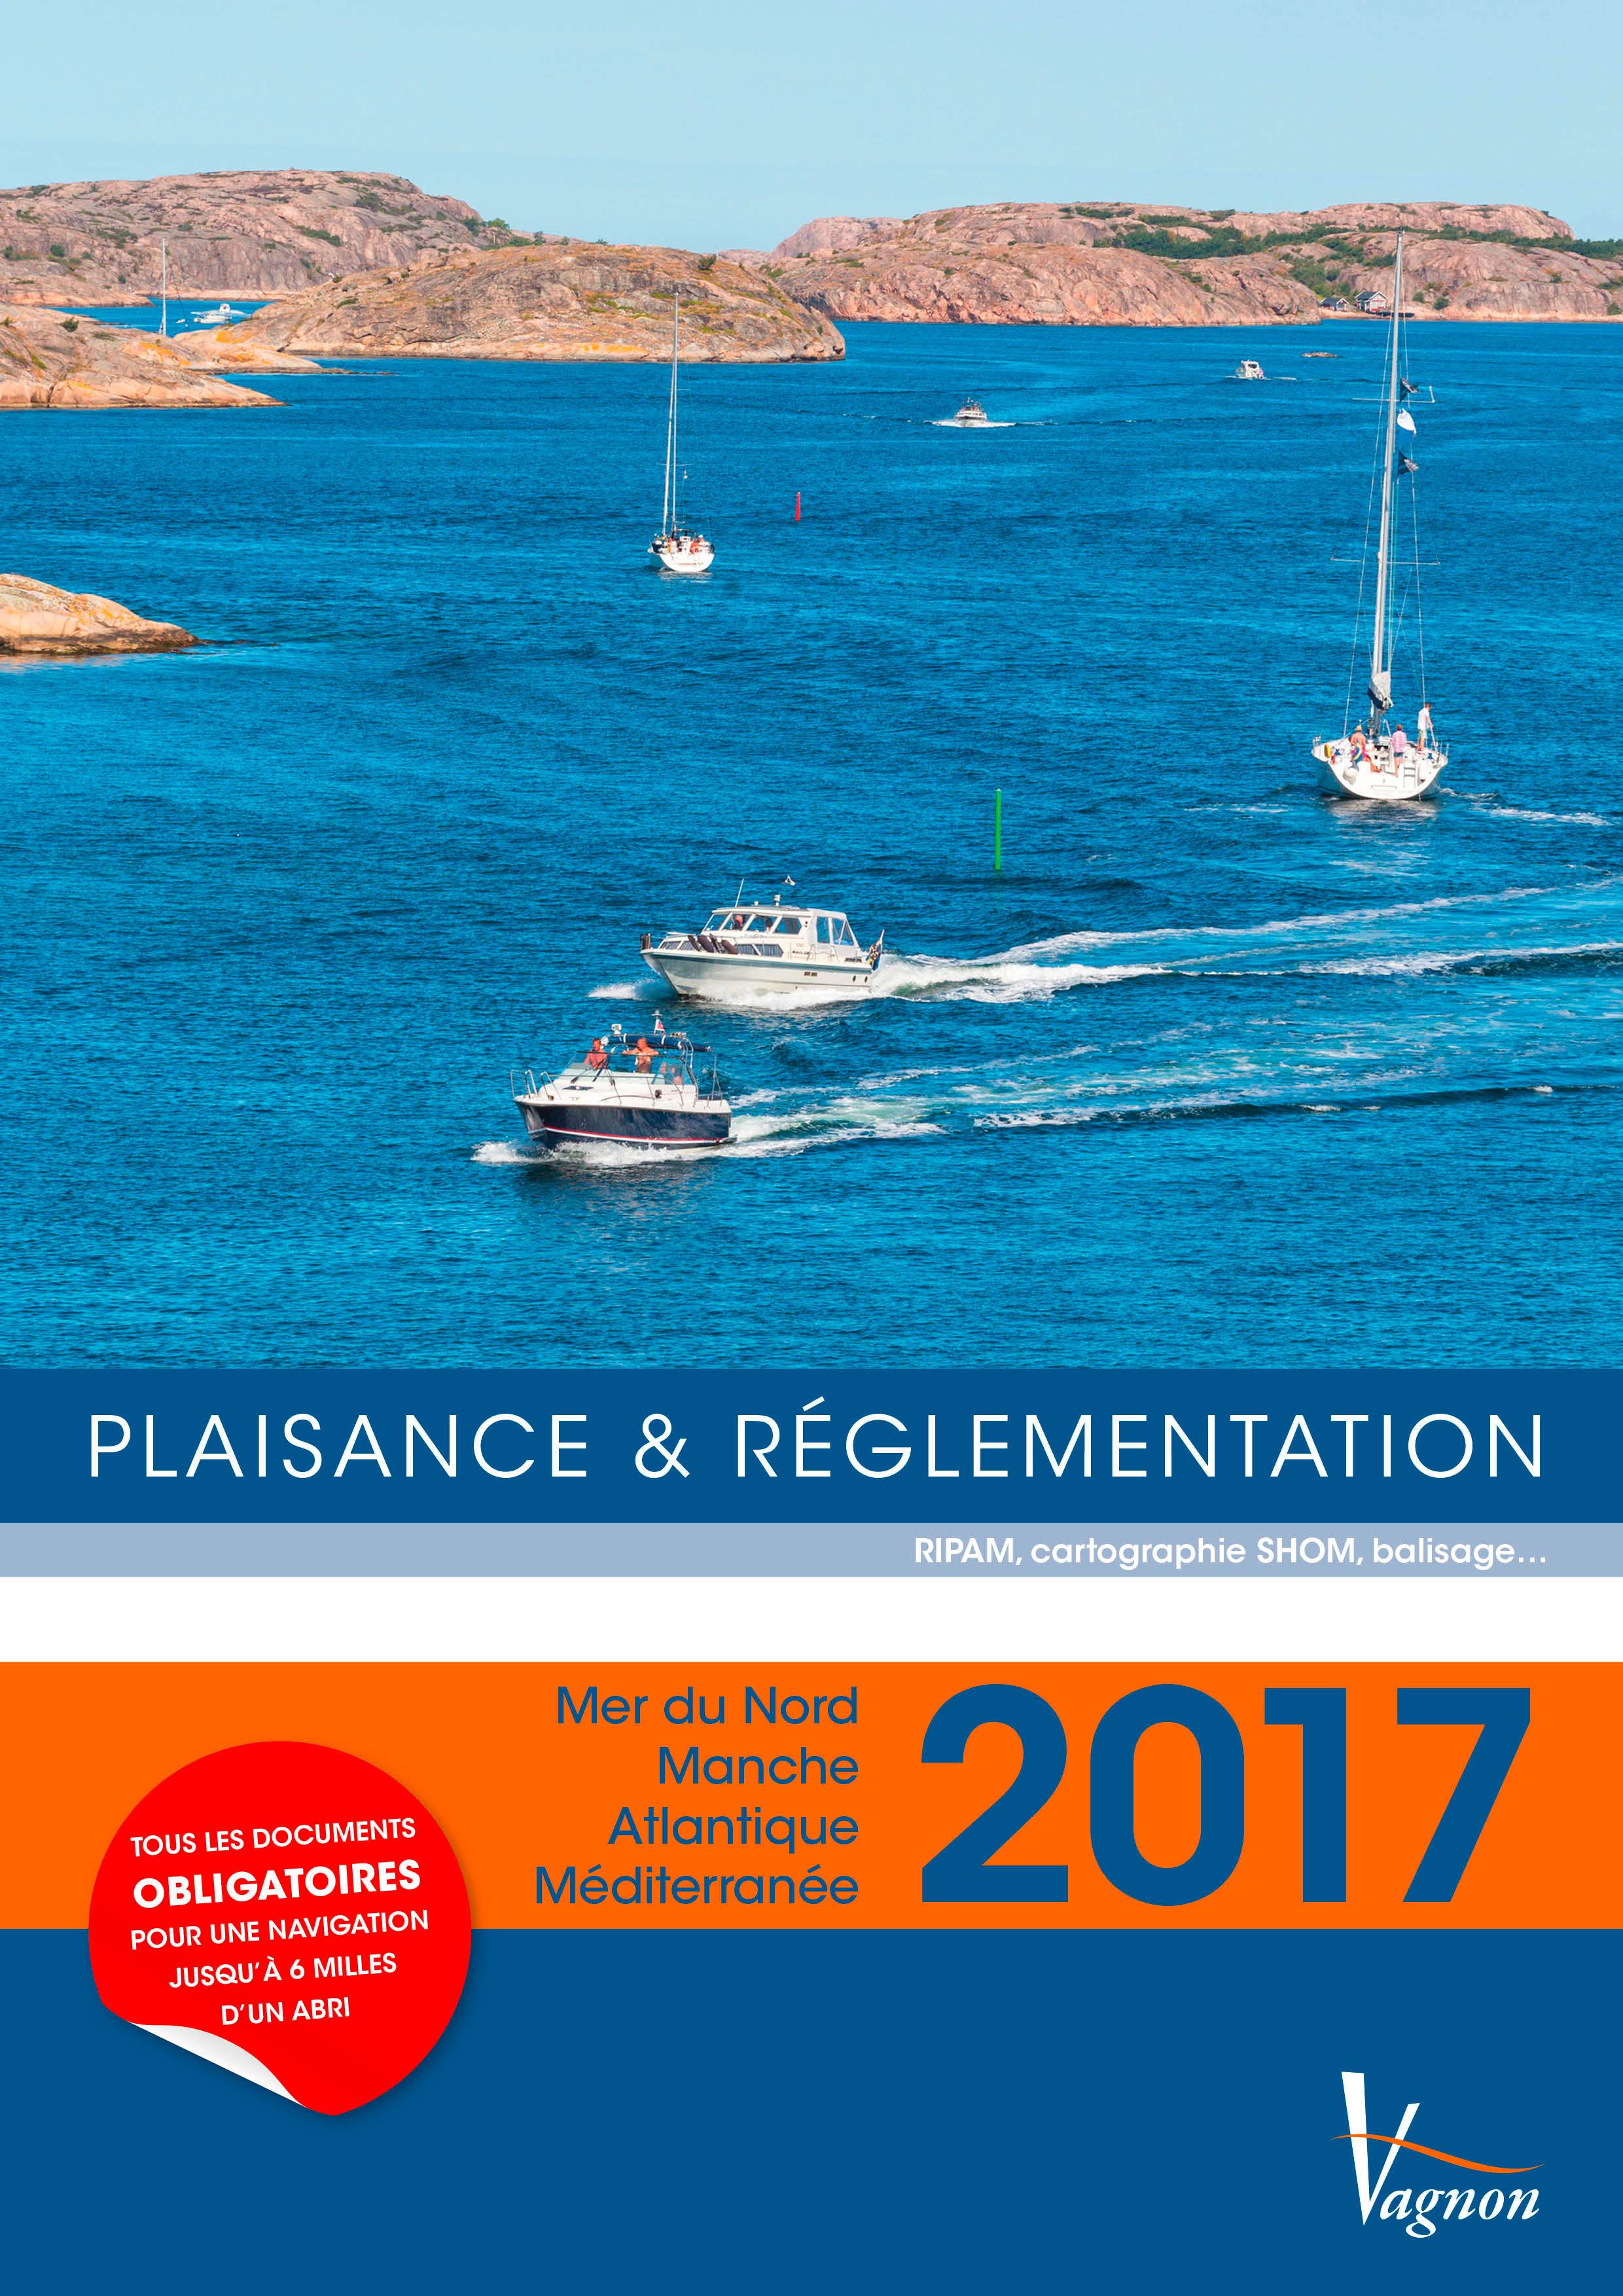 PLAISANCE & REGLEMENTATION 2017